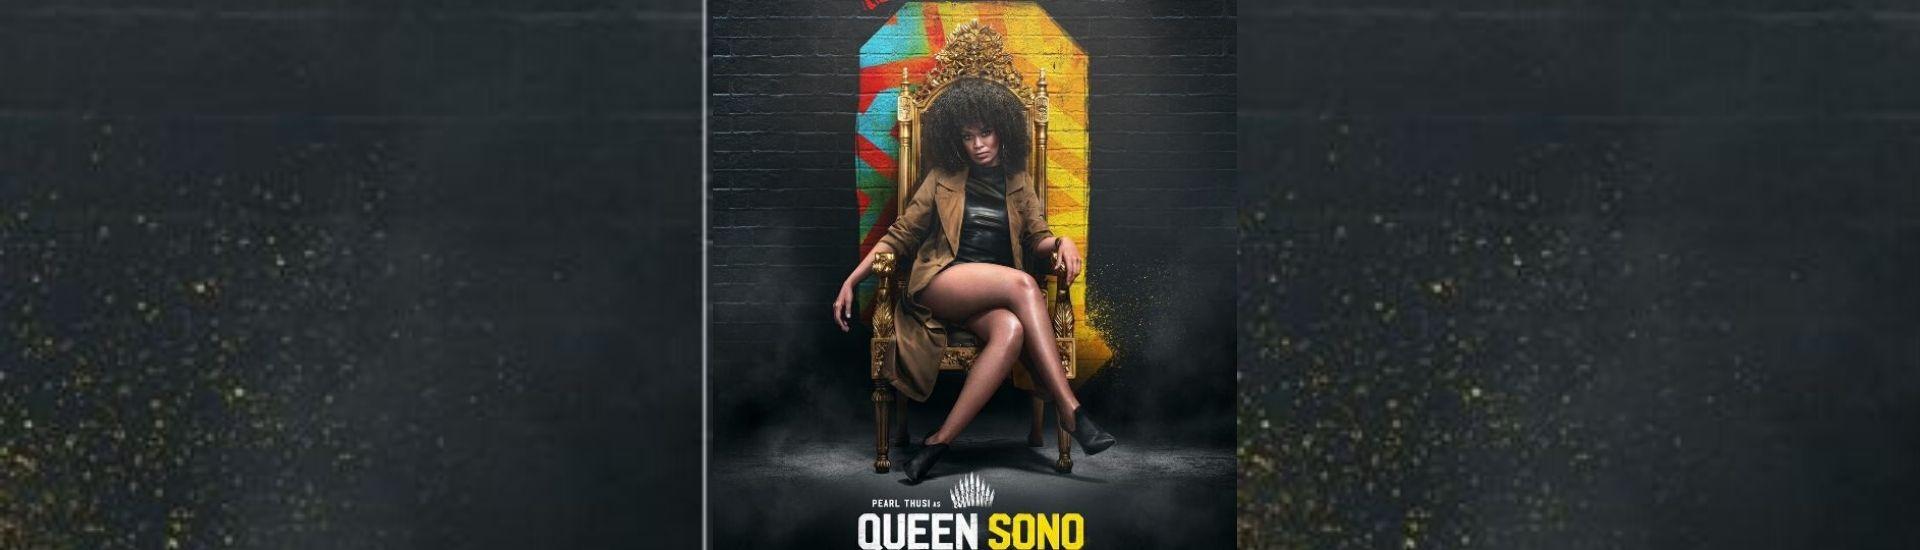 Queen Sono : mon avis sur la saison 1 de la série sud-africaine (Netflix)